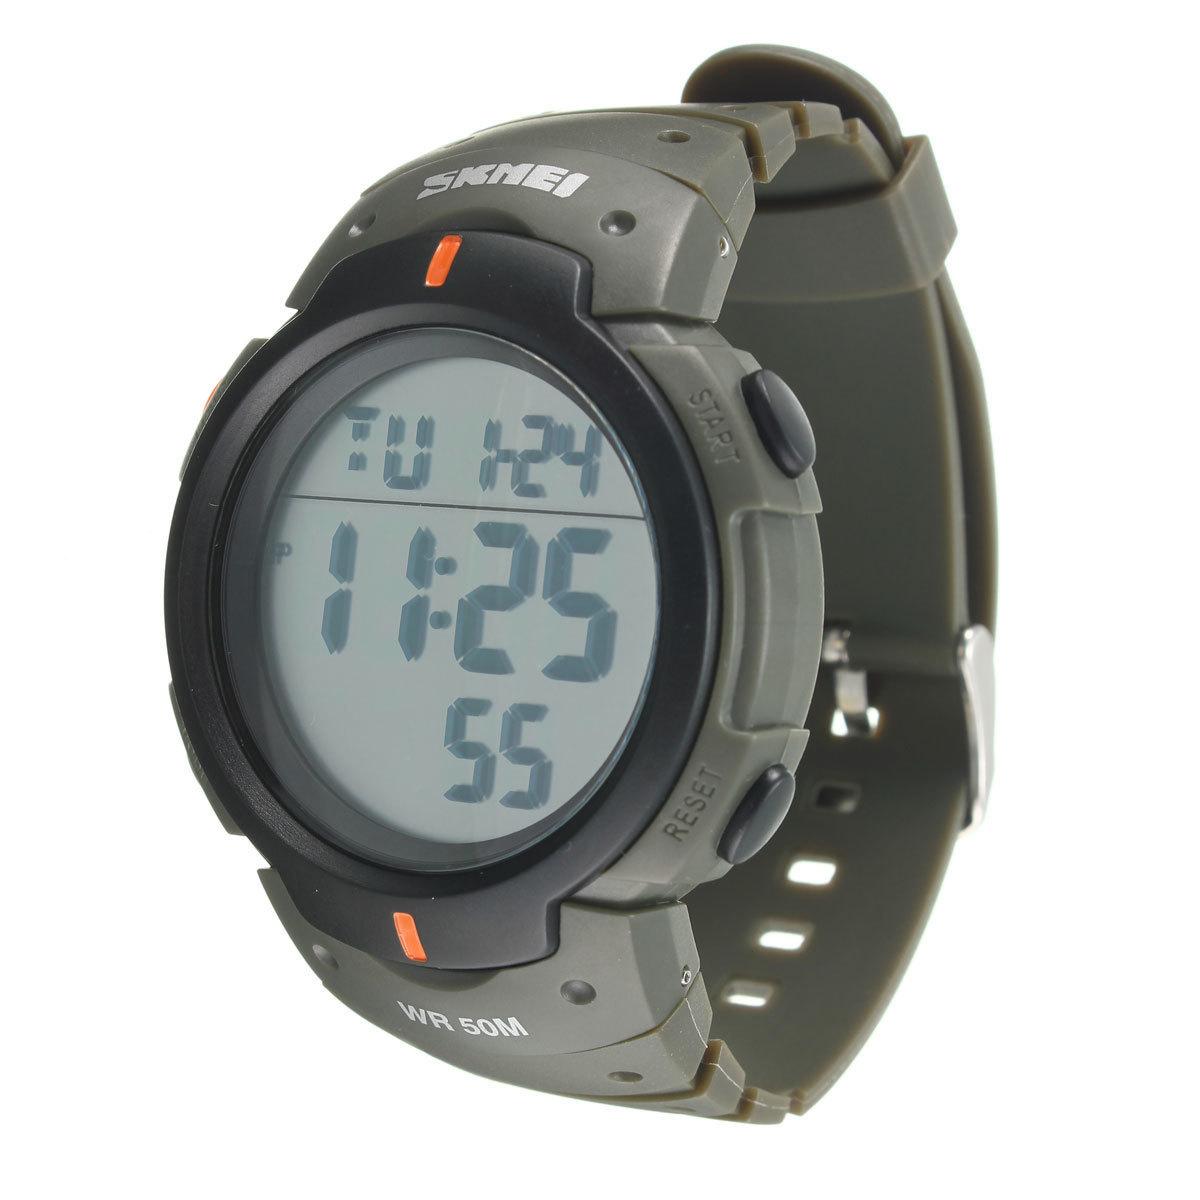 Jual Skmei Tahan Air Led Light Digital Tanggal Alarm Lcd Wrist Watch Pria Wanita Olahraga Hong Kong Sar Tiongkok Murah